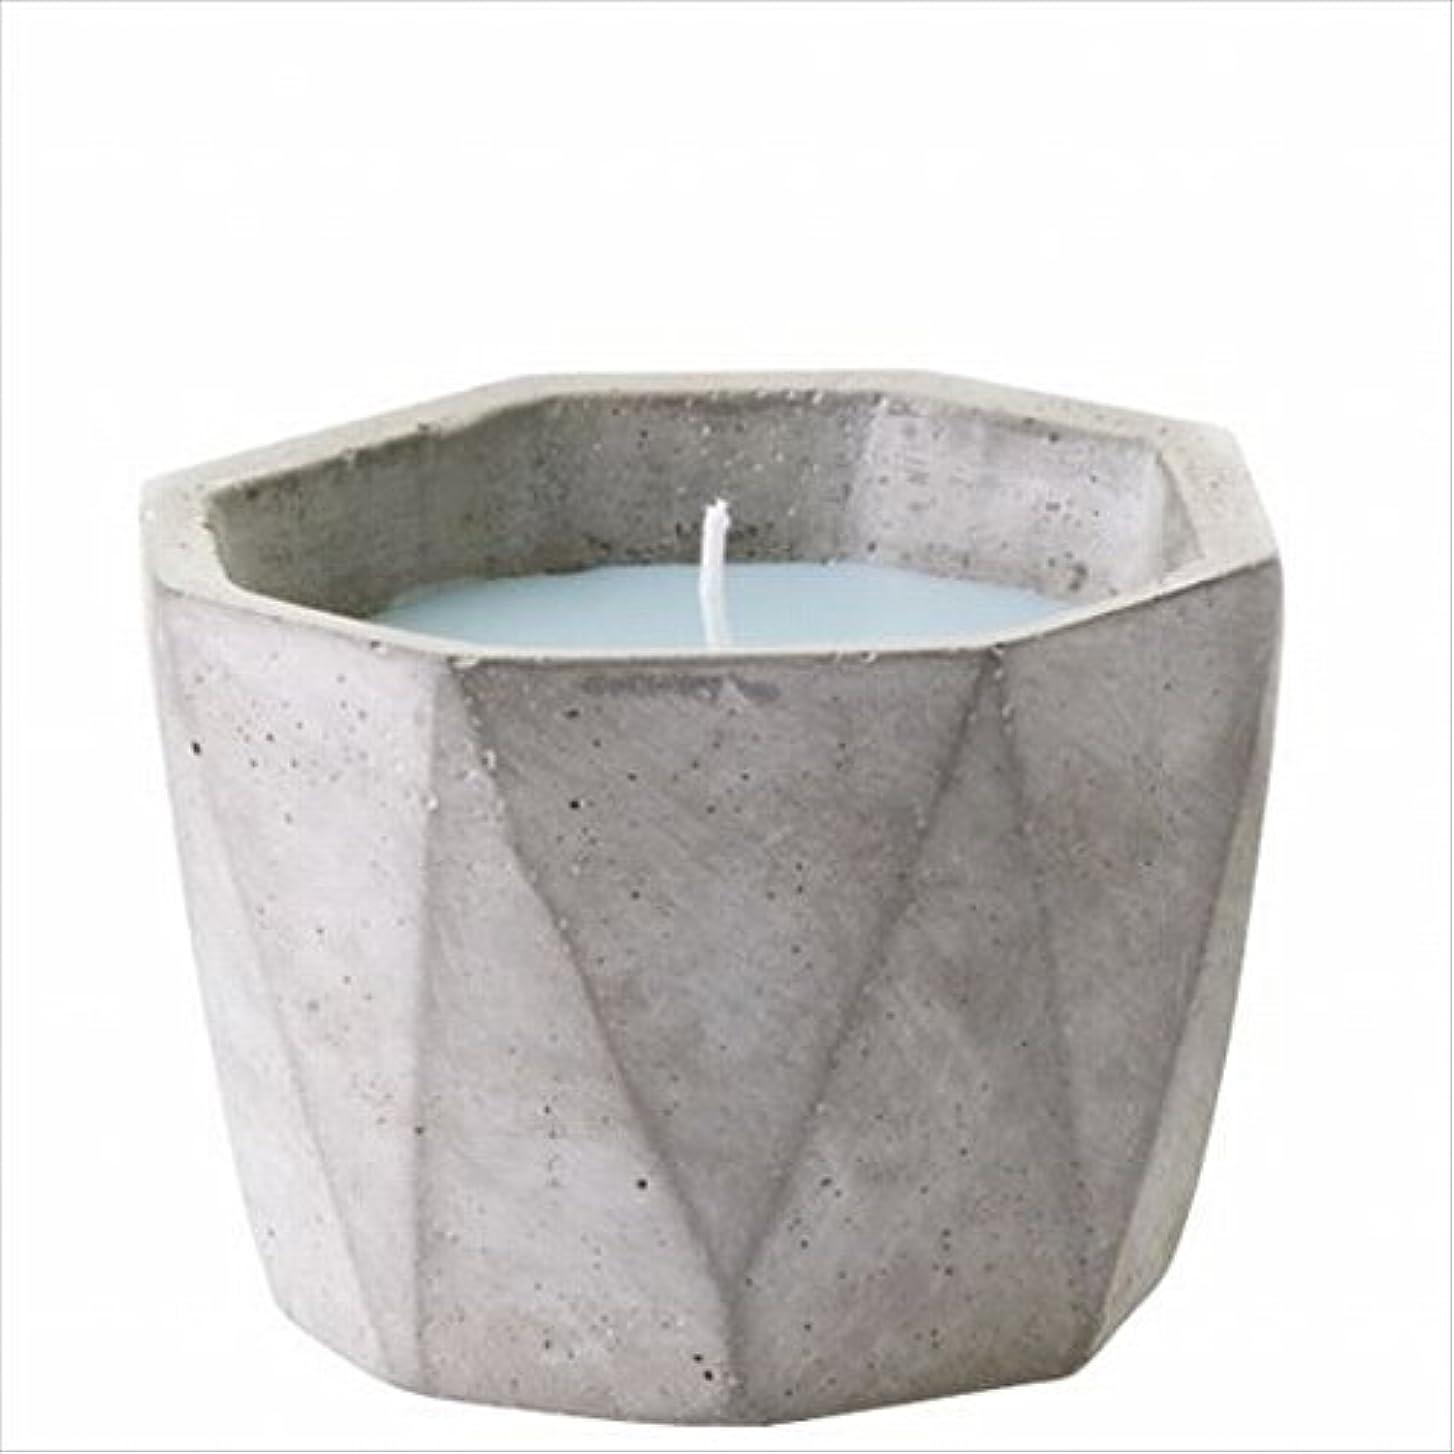 カメヤマキャンドル(kameyama candle) POiNT A LA LiGNE セメントポットセンティッドキャンドル 「 モックオレンジミント 」